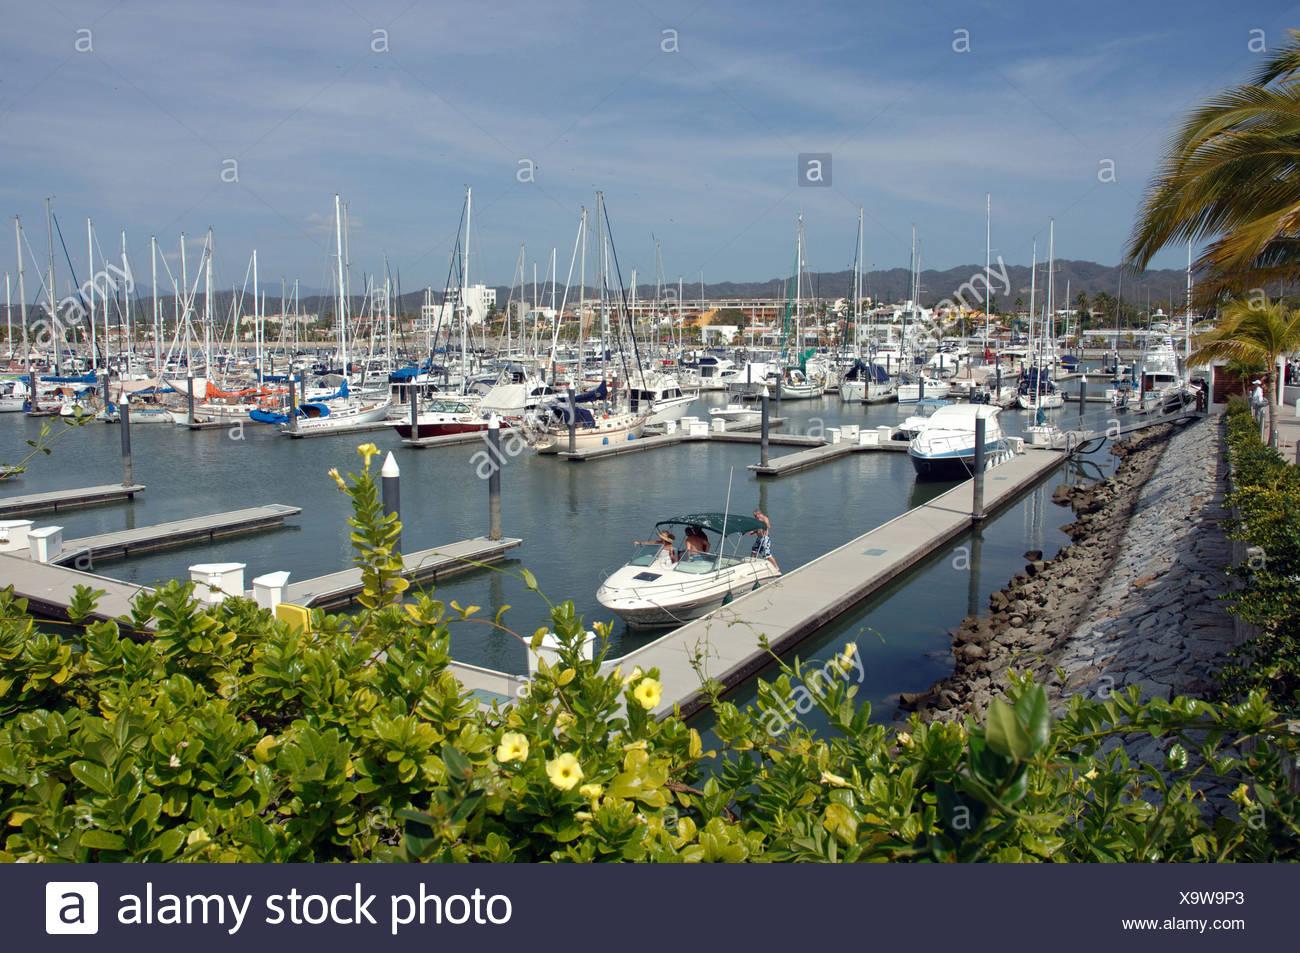 La Marina Riviera Nayarit en La Cruz de Huanacaxtle Bahía de Banderas cuenta con 351 muelles que van de los 31 a los 400 pies - Stock Image